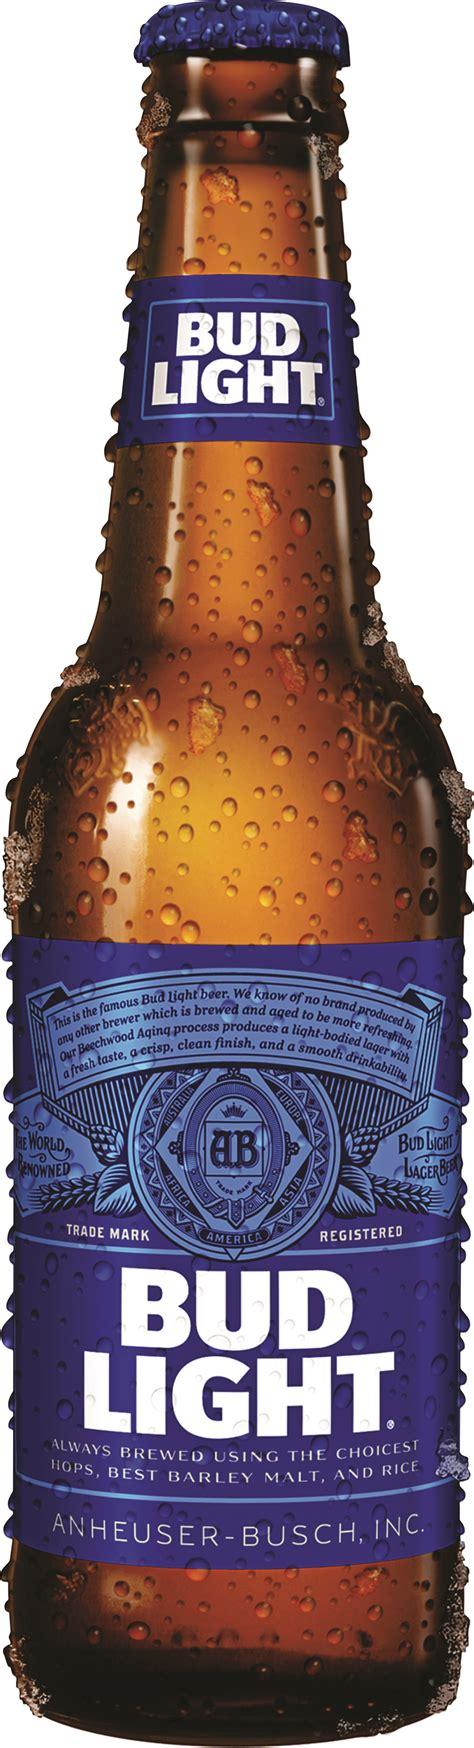 bud light beer bottle domestics dutchess beer distributors